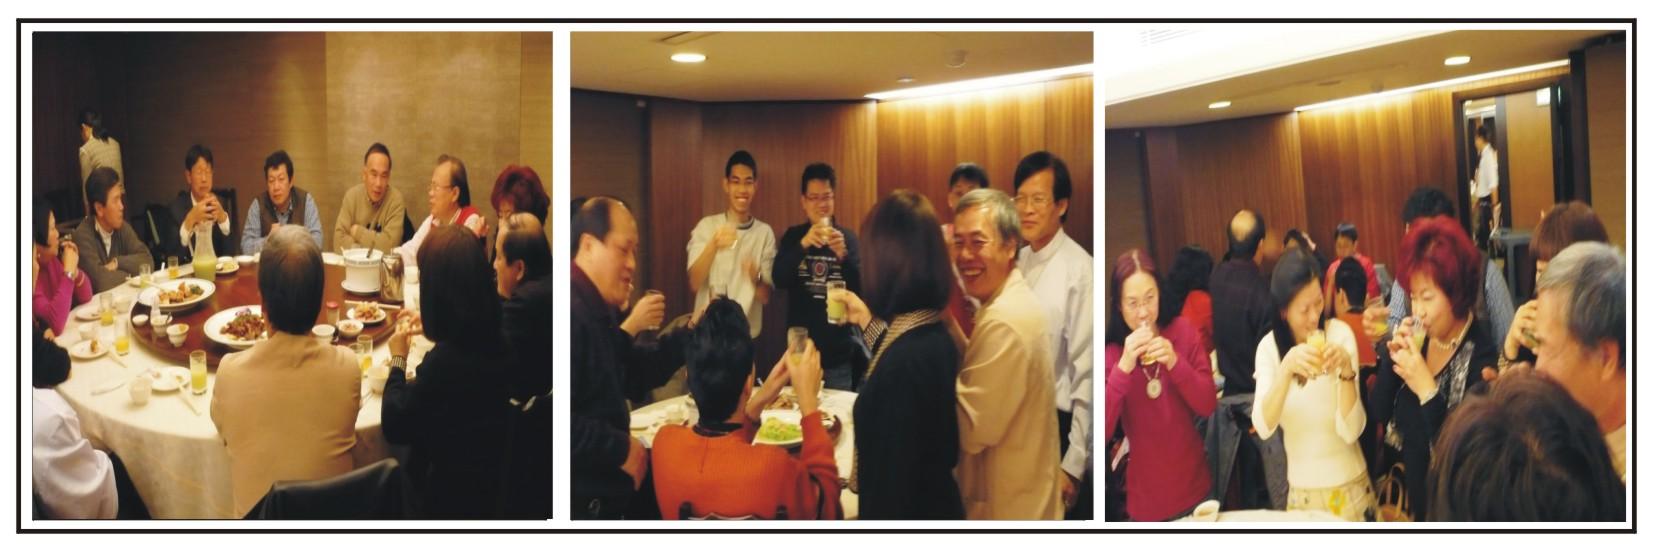 新春聯誼餐會